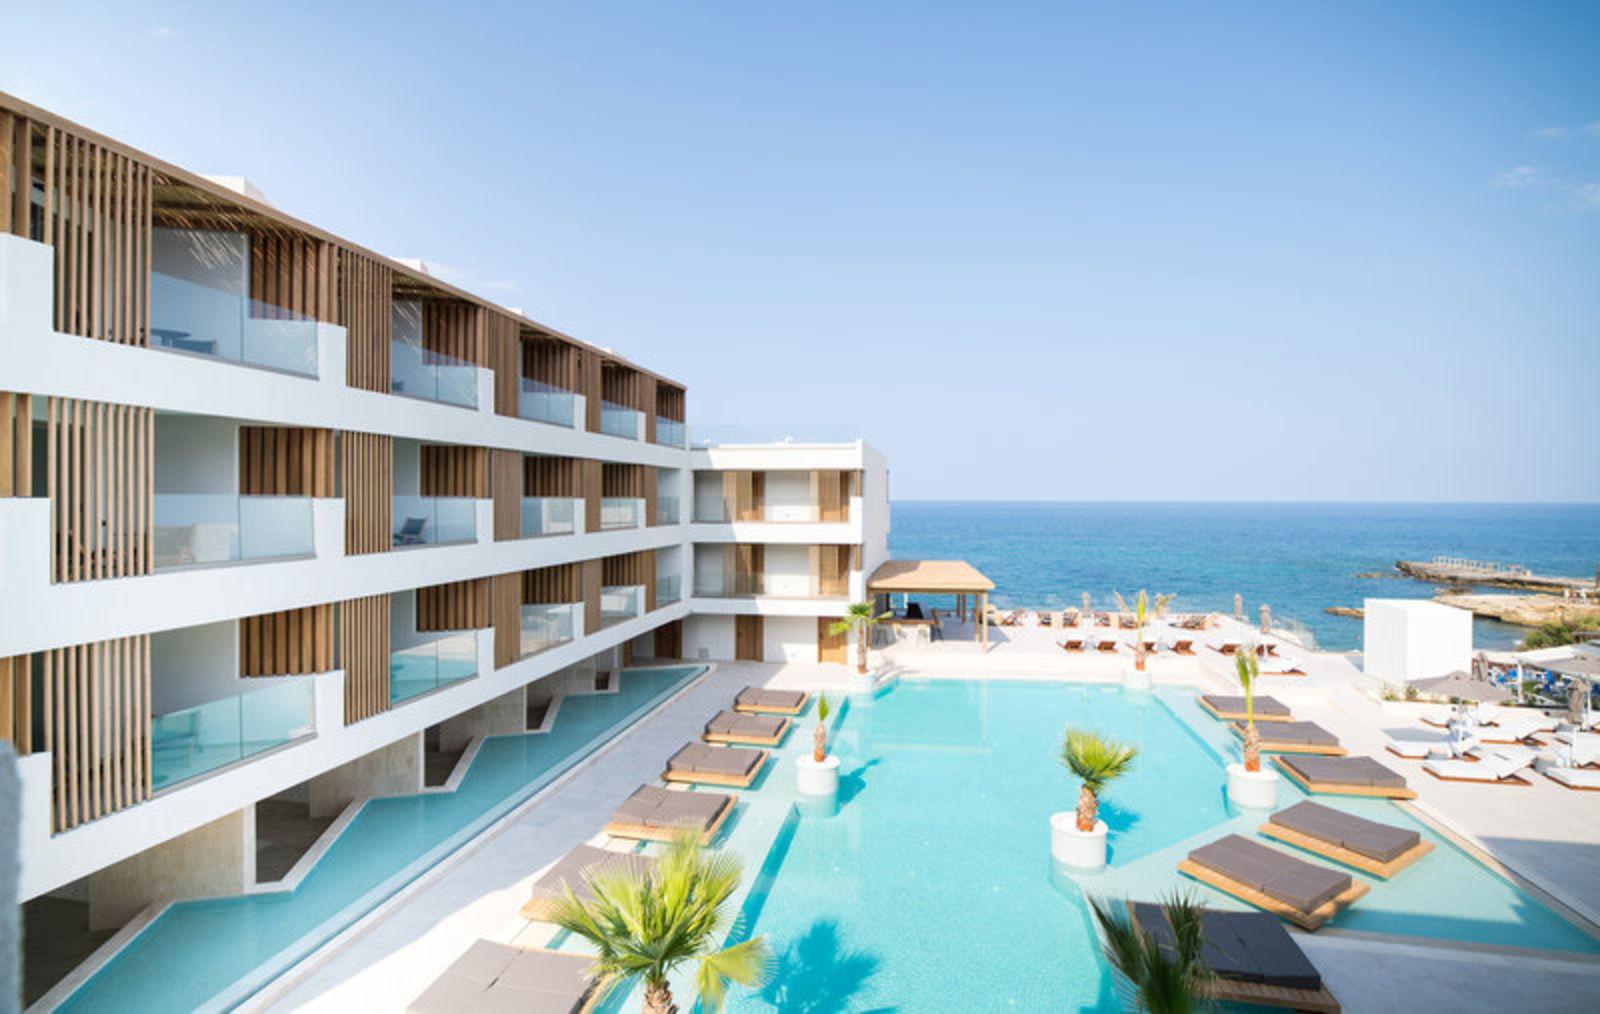 Akasha Beach Hotel & Spa, Chersonissos, Crete